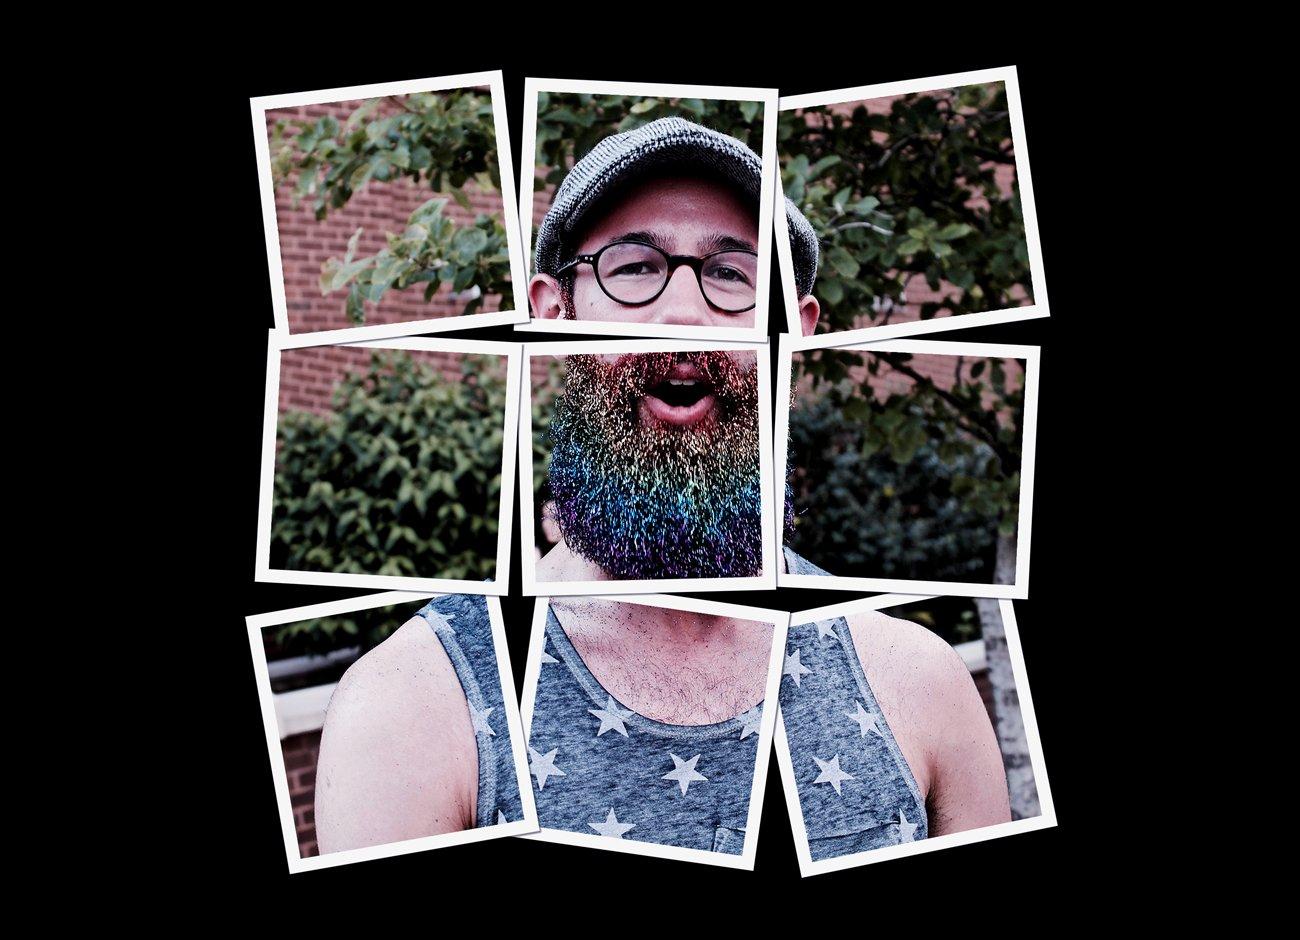 拼贴效果照片处理特效PS动作模板素材 Collage Photo Effect PS Action插图4